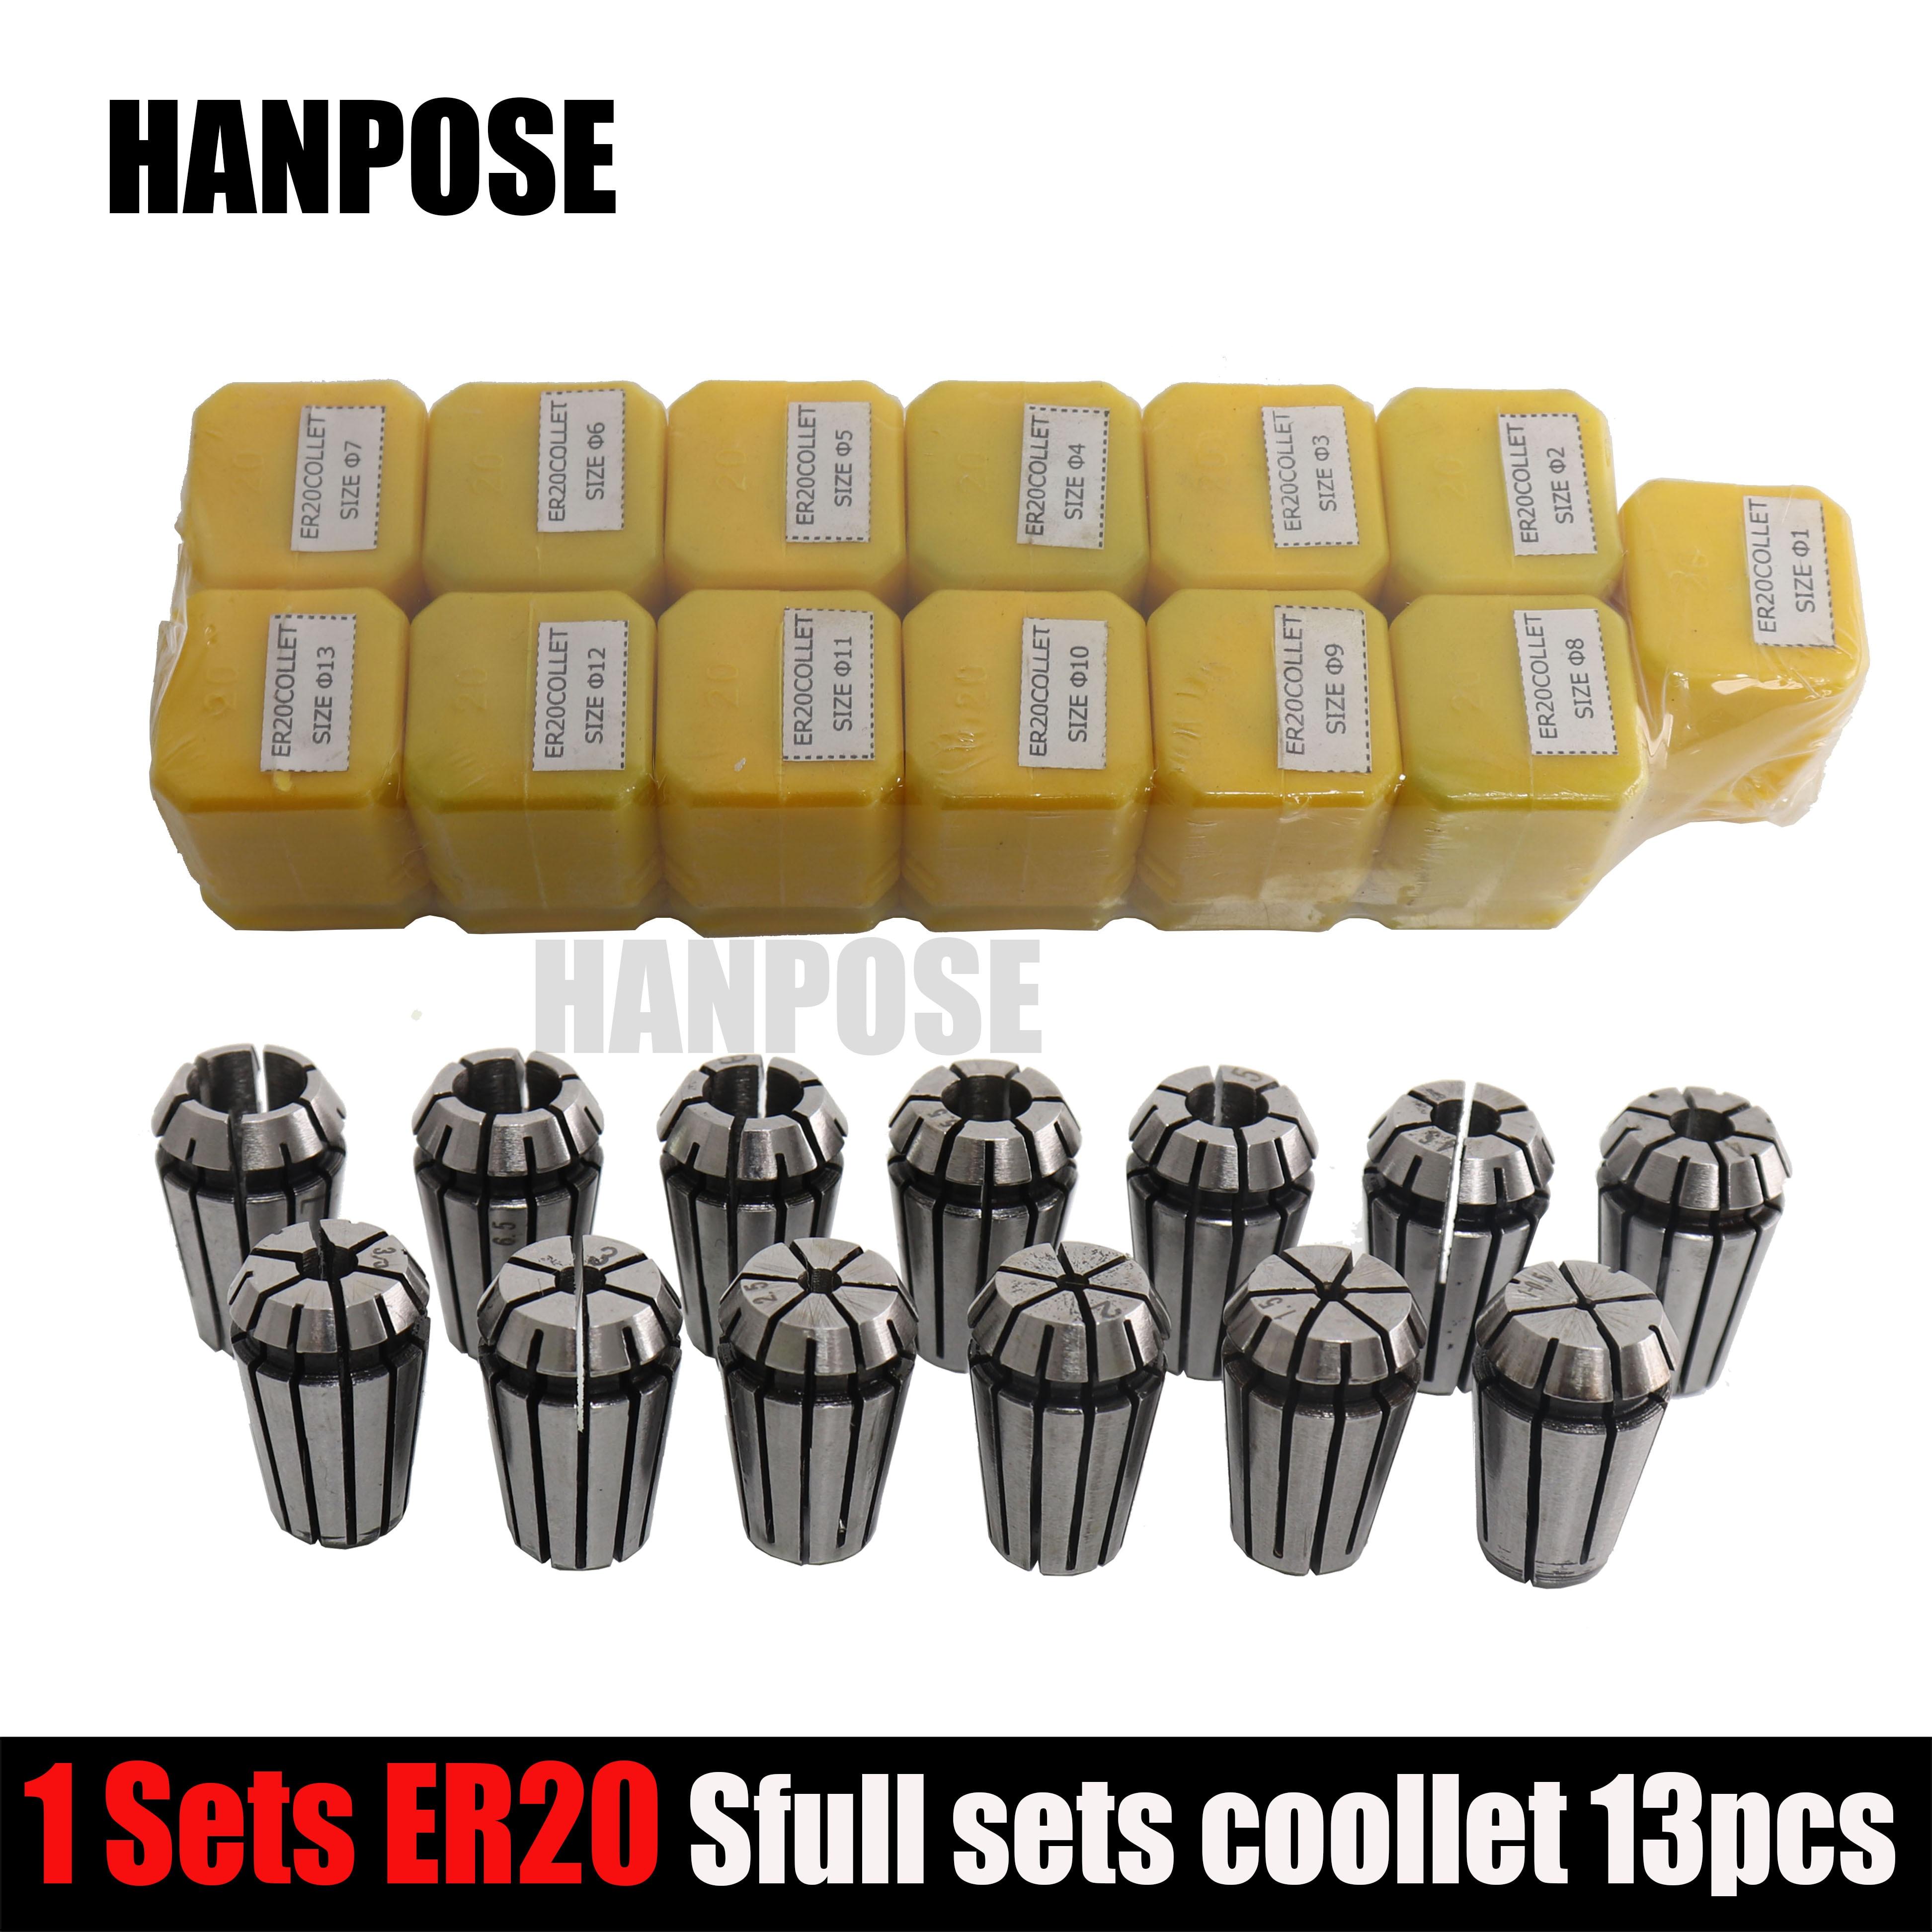 Miglior prezzo 13pcs / set ER20 Set di pinze a molla di precisione CNC Tornio di fresatura ER20 Mandrino a pinza a molla